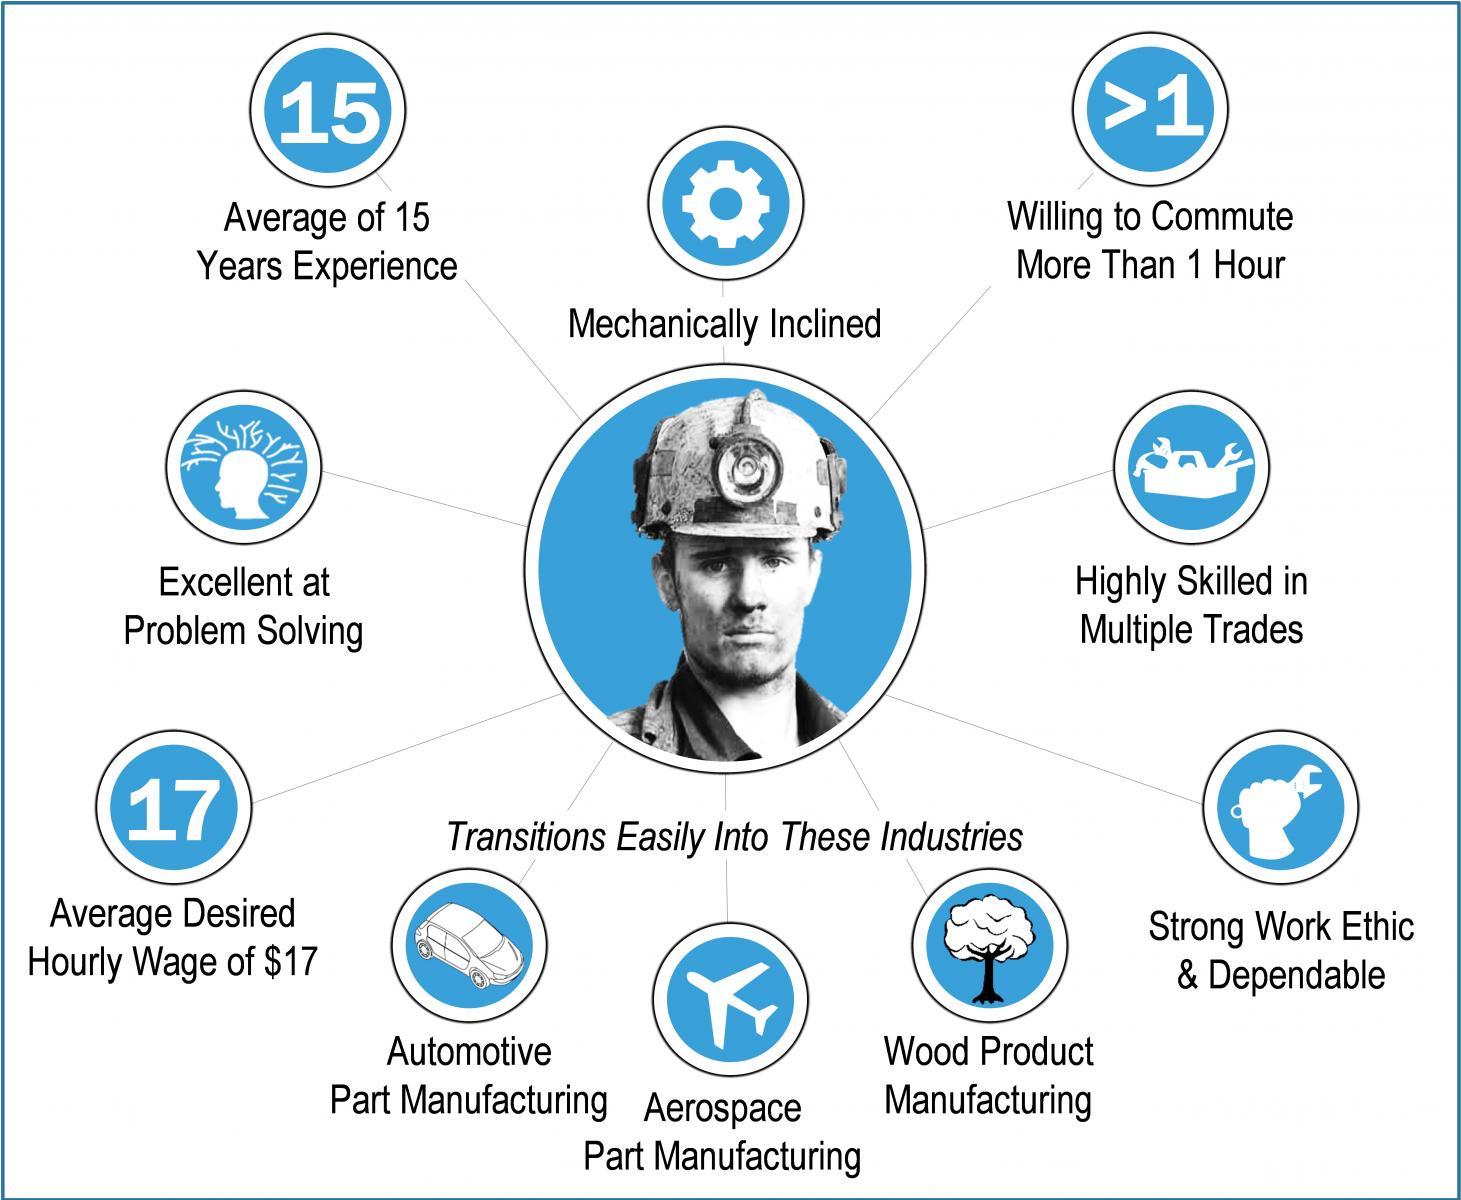 Skill-set of a Coal Miner